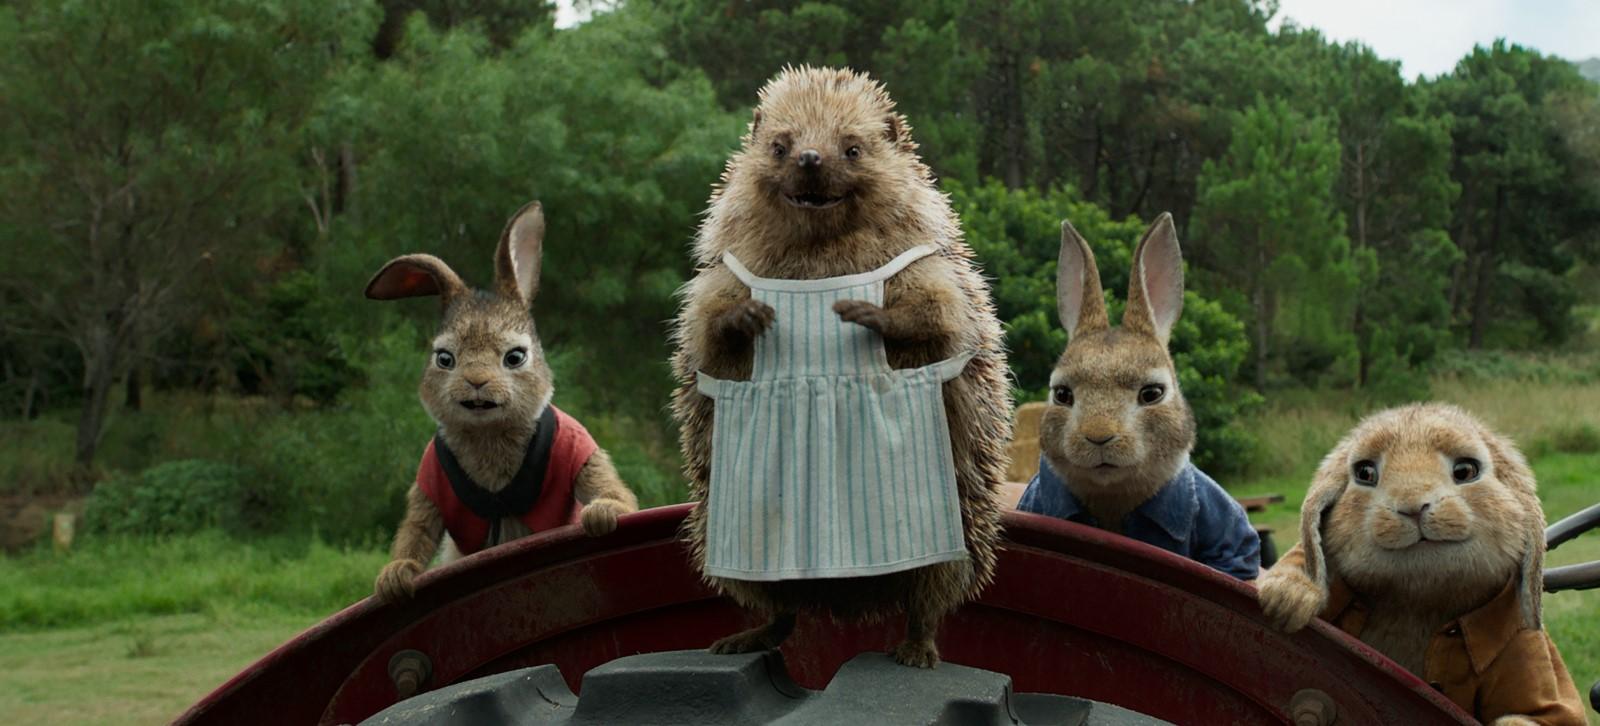 Les cloches de p ques en ont profit pour poser un lapin for Abreuvoir lapin fait maison